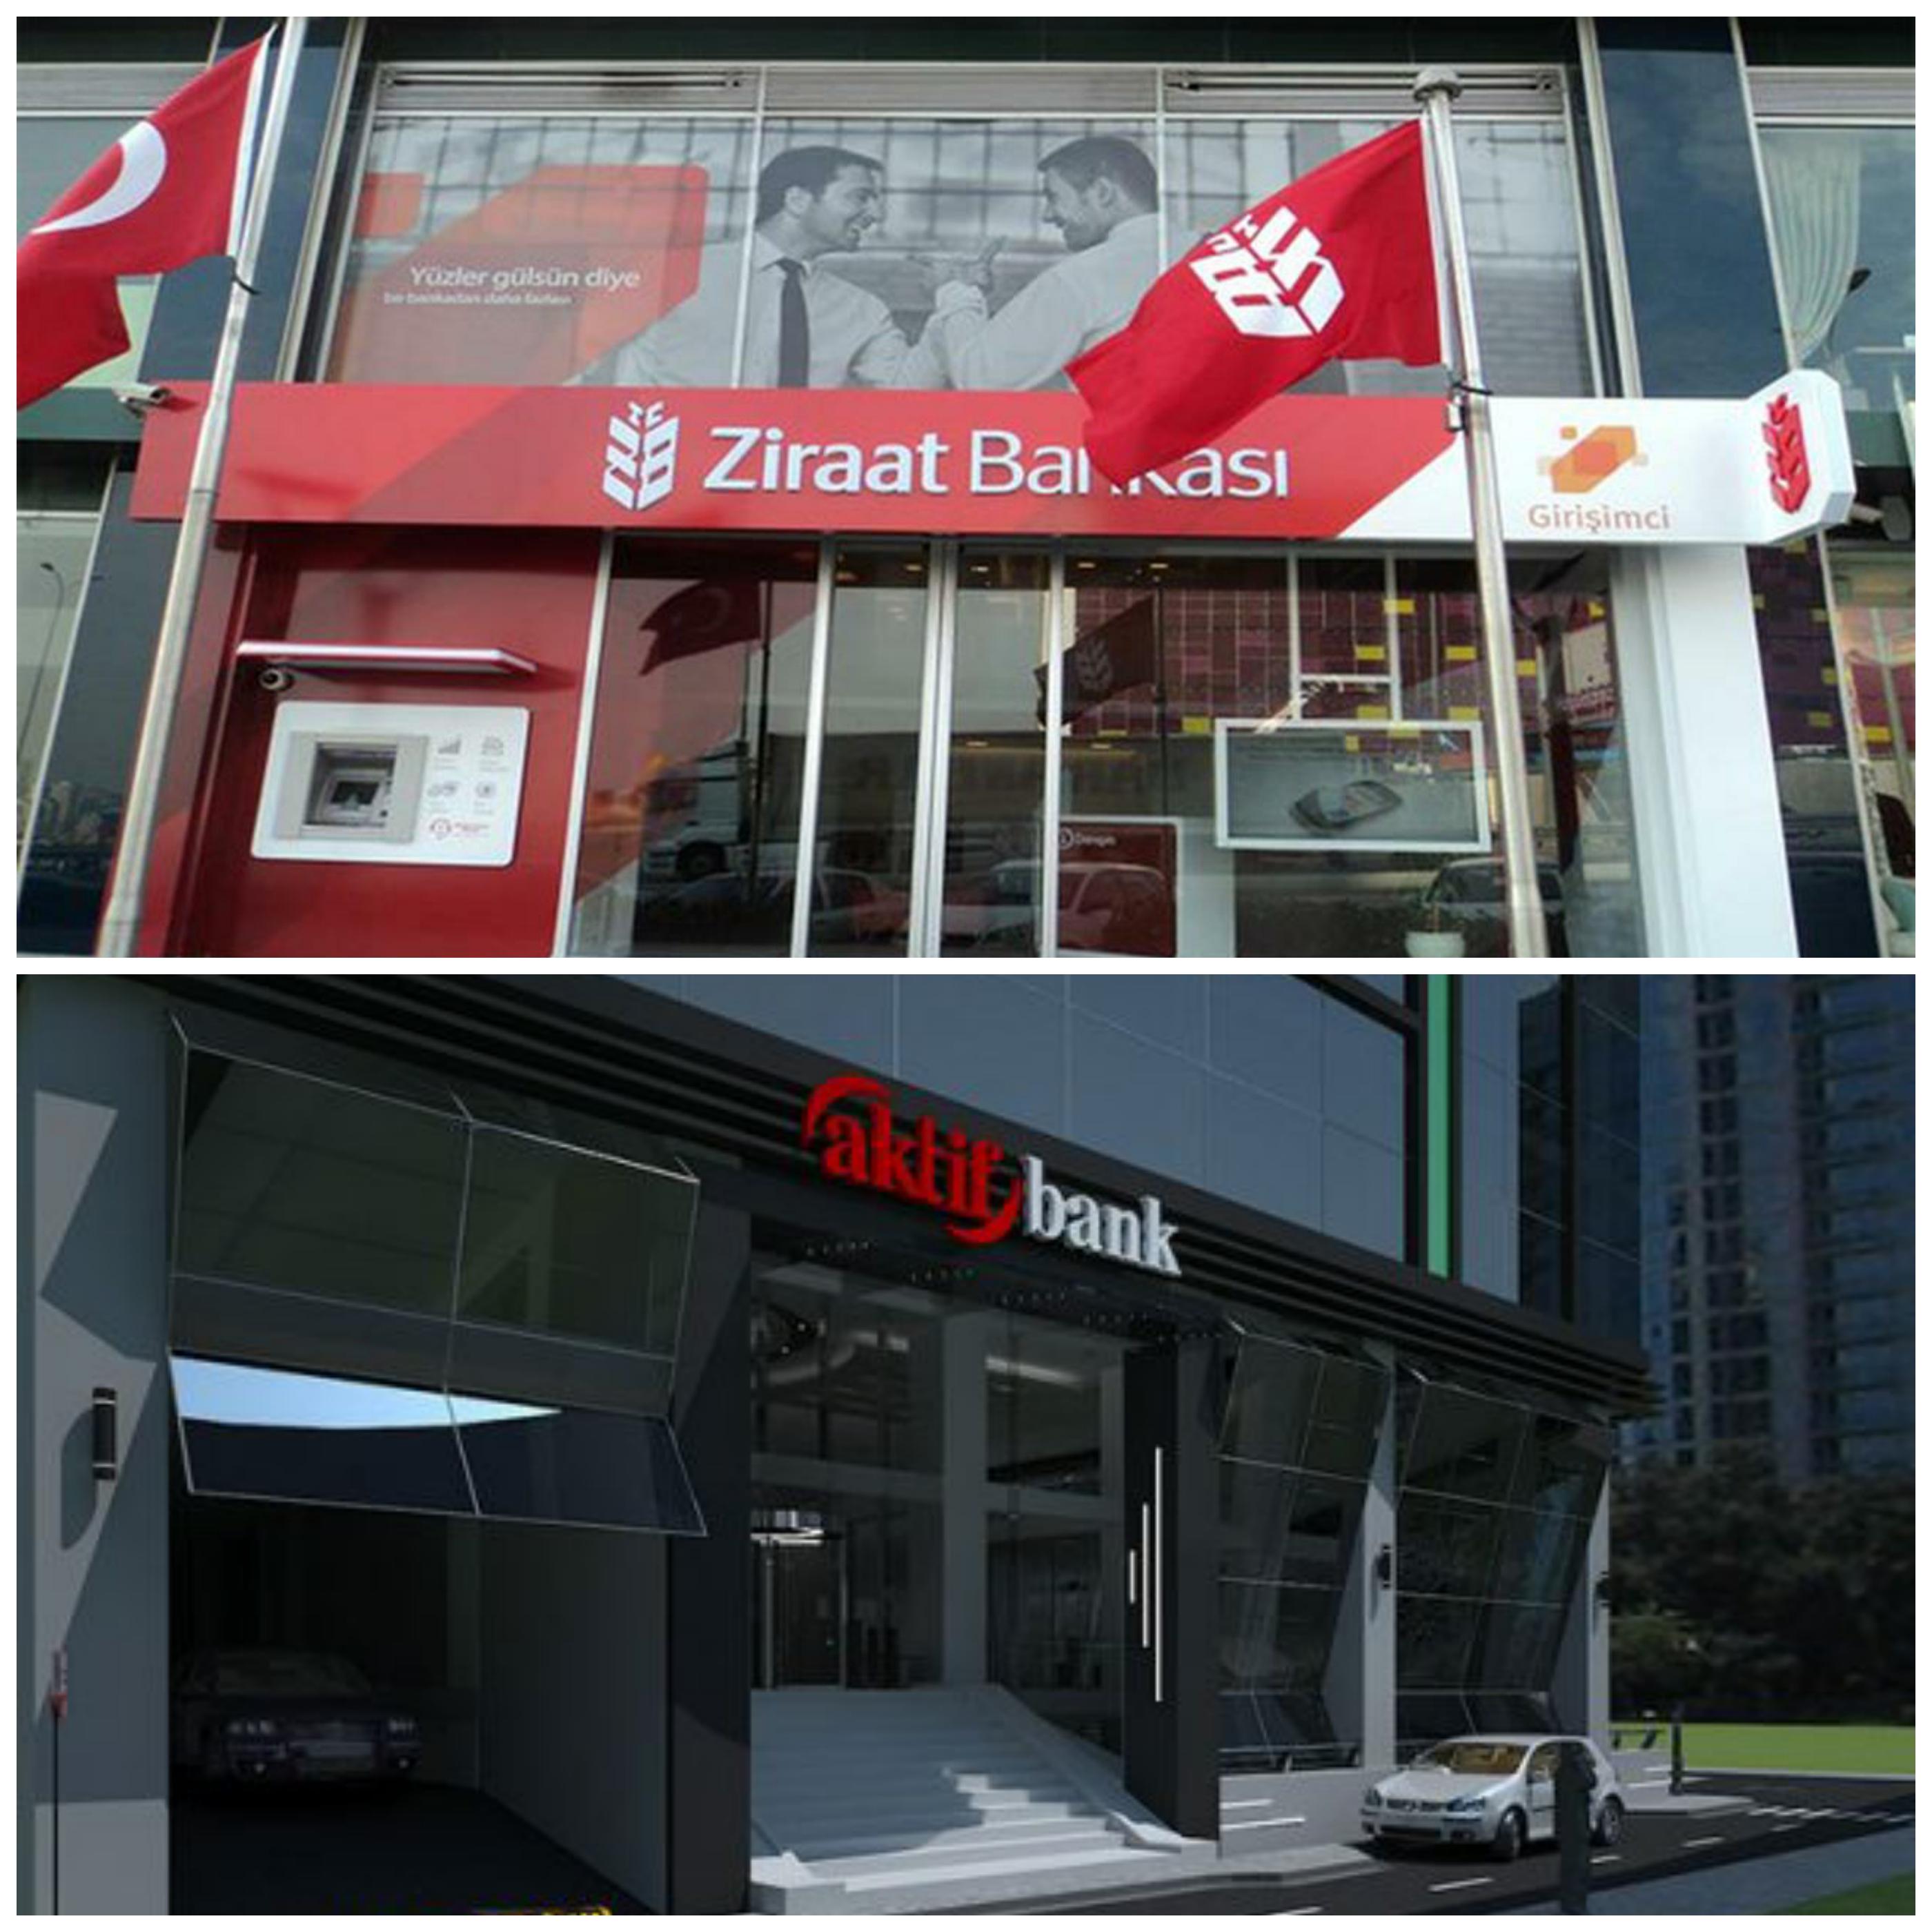 Aktif Bank ile Ziraat Bankası'ndan Rıza Sarraf açıklaması